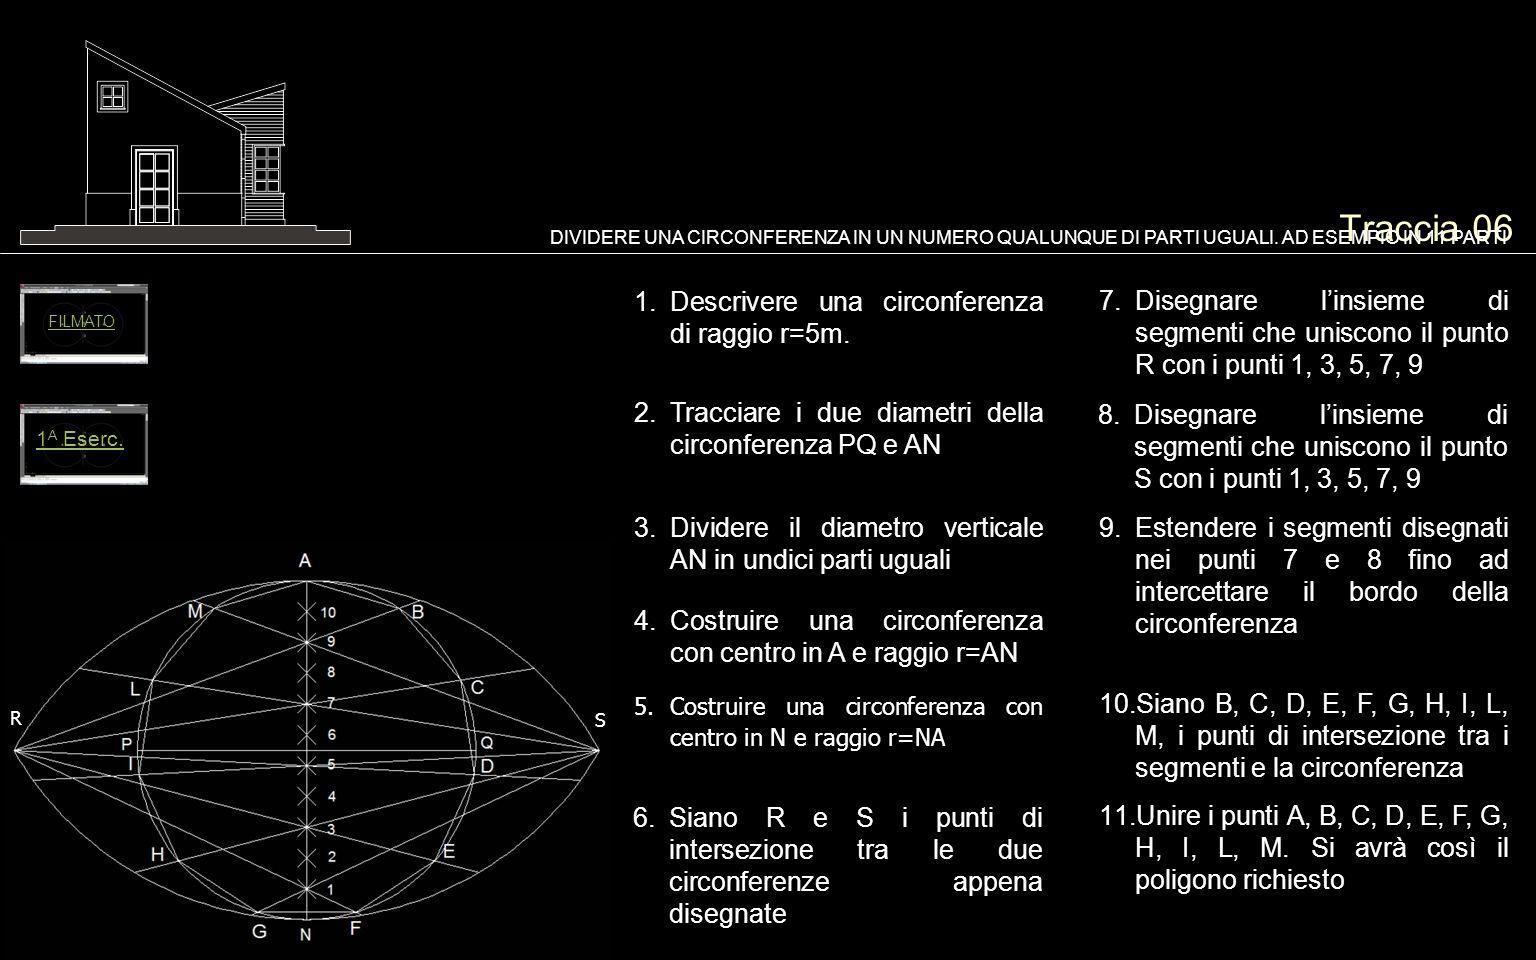 Traccia 06 Descrivere una circonferenza di raggio r=5m.